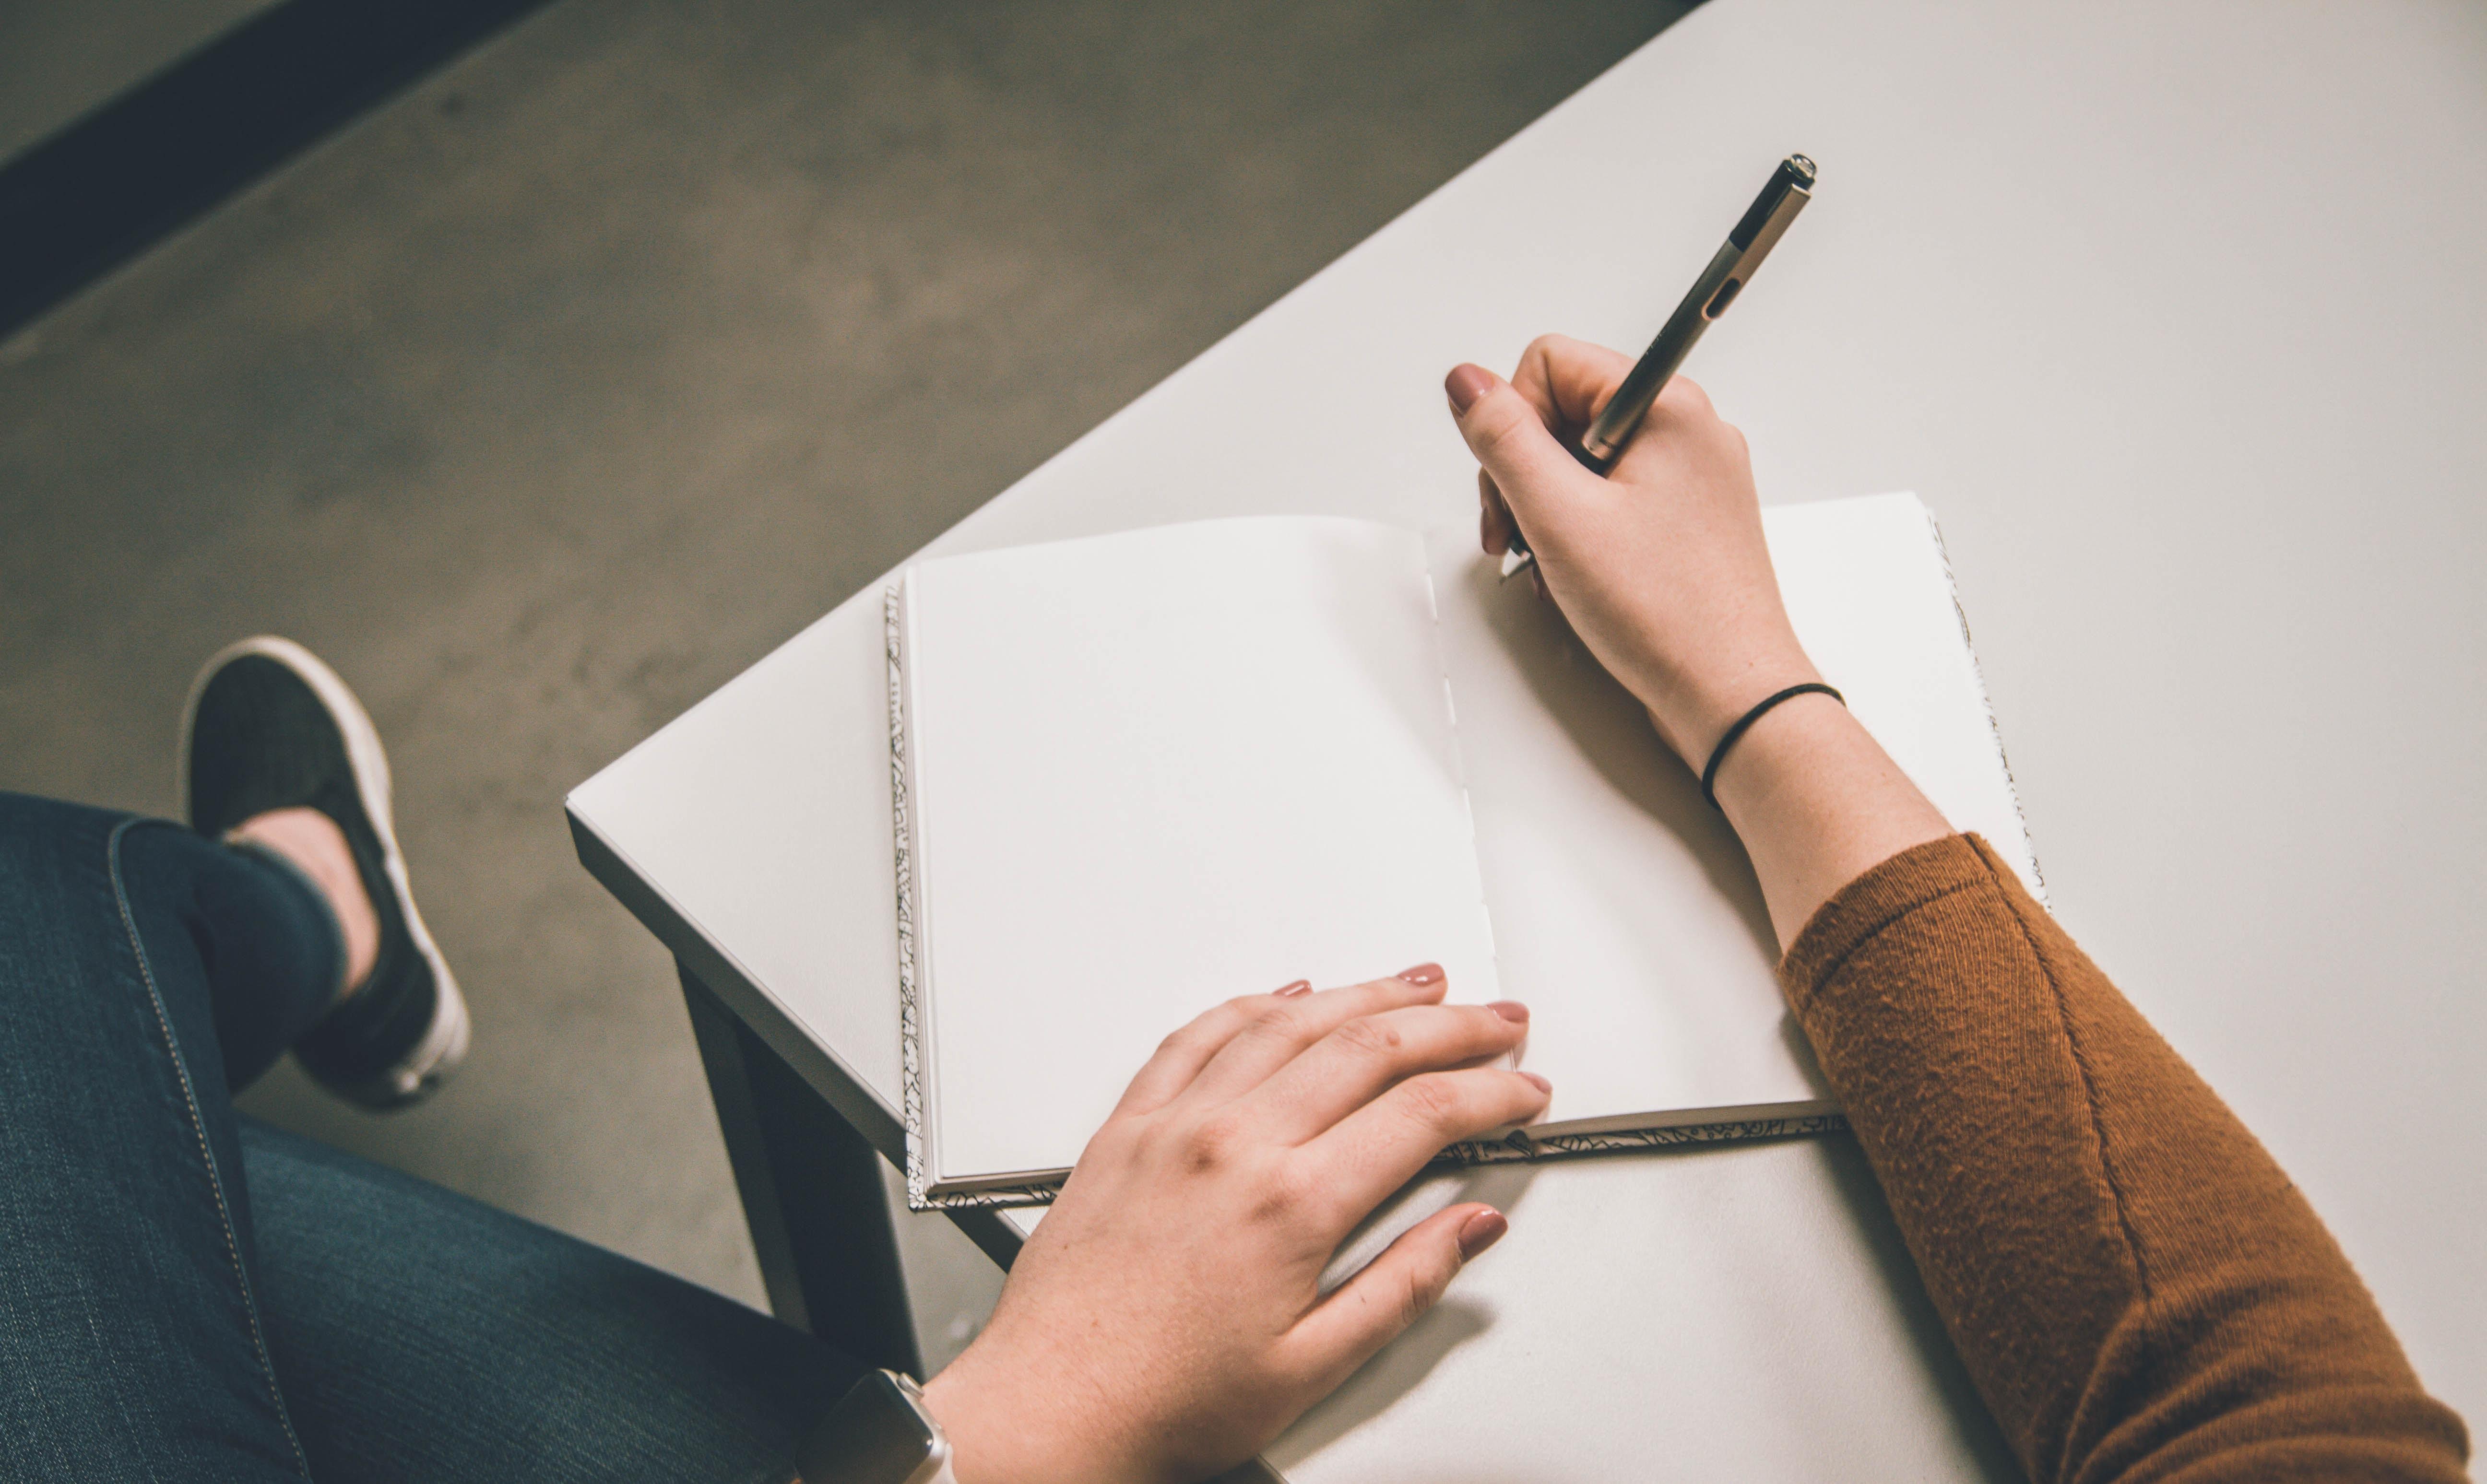 Comment rédiger une lettre de motivation quand on est encore étudiant ?